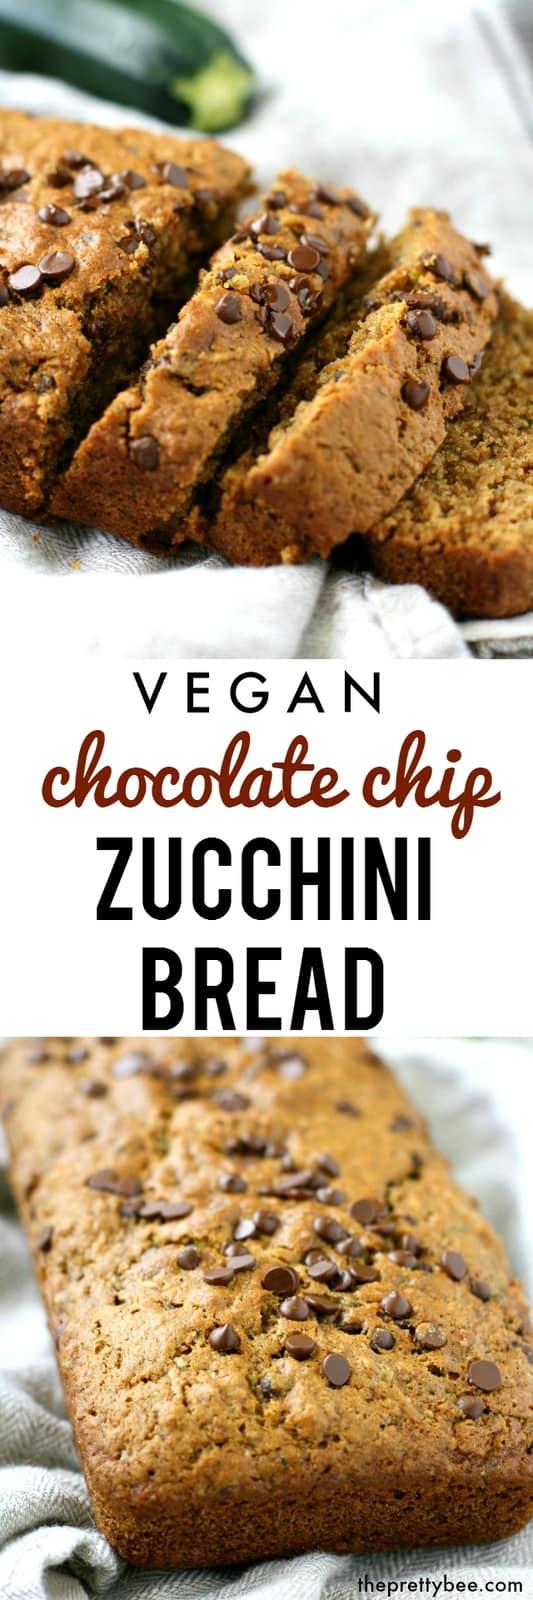 Delicious whole grain vegan chocolate chip zucchini bread. A healther treat!